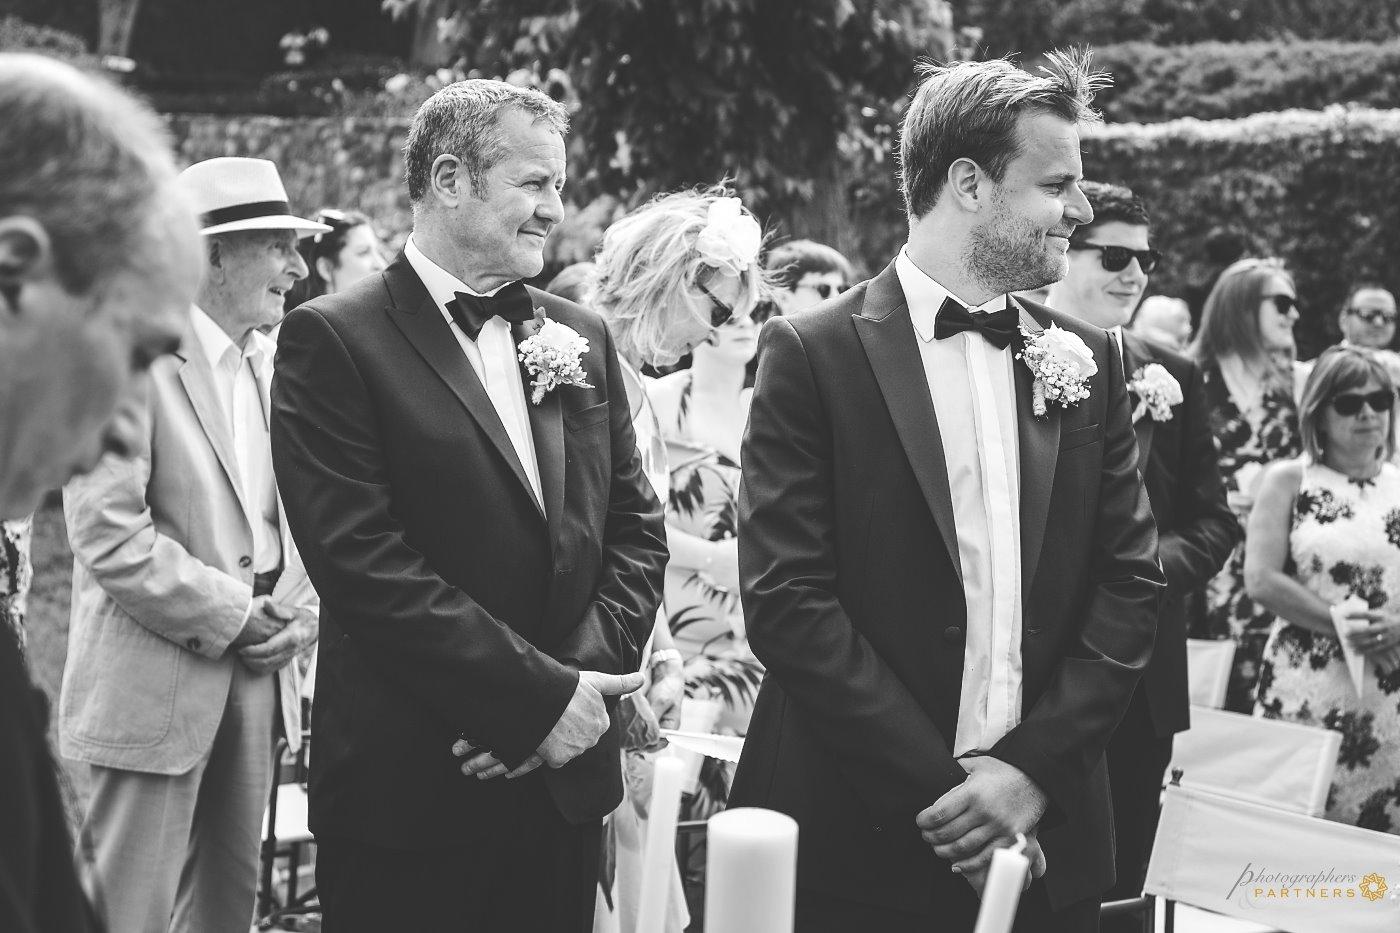 wedding_photos_borgo_castelvecchio_07.jpg